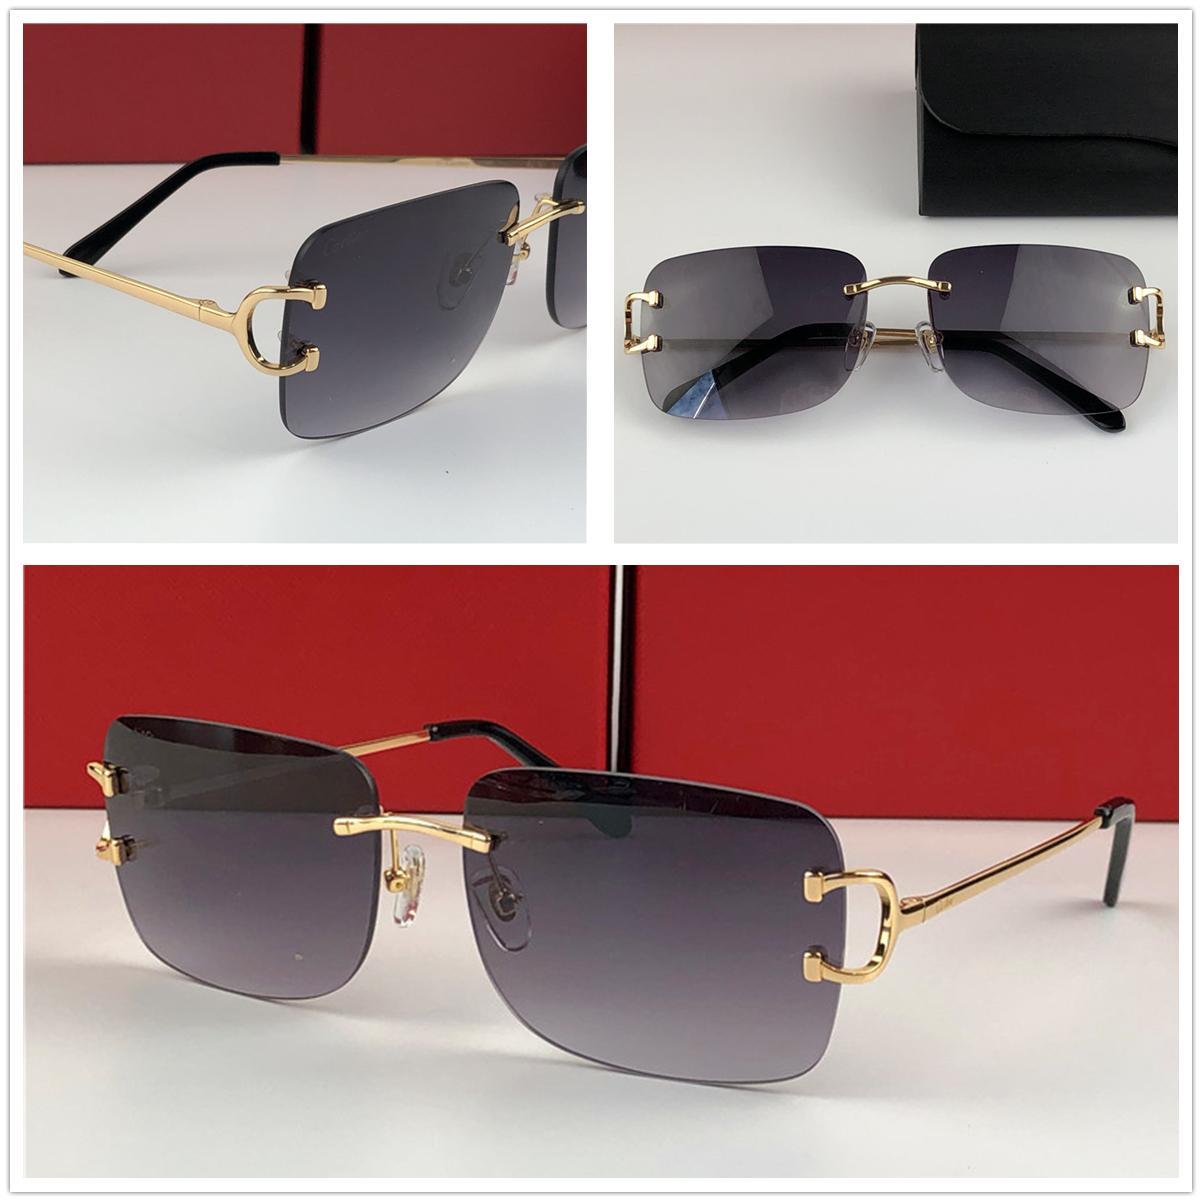 Homens de luxo Designer óculos de sol ao ar livre Moda óculos Zonnebril homens Vintage Frameless Praça pequeno quadro garde design Avant Modern